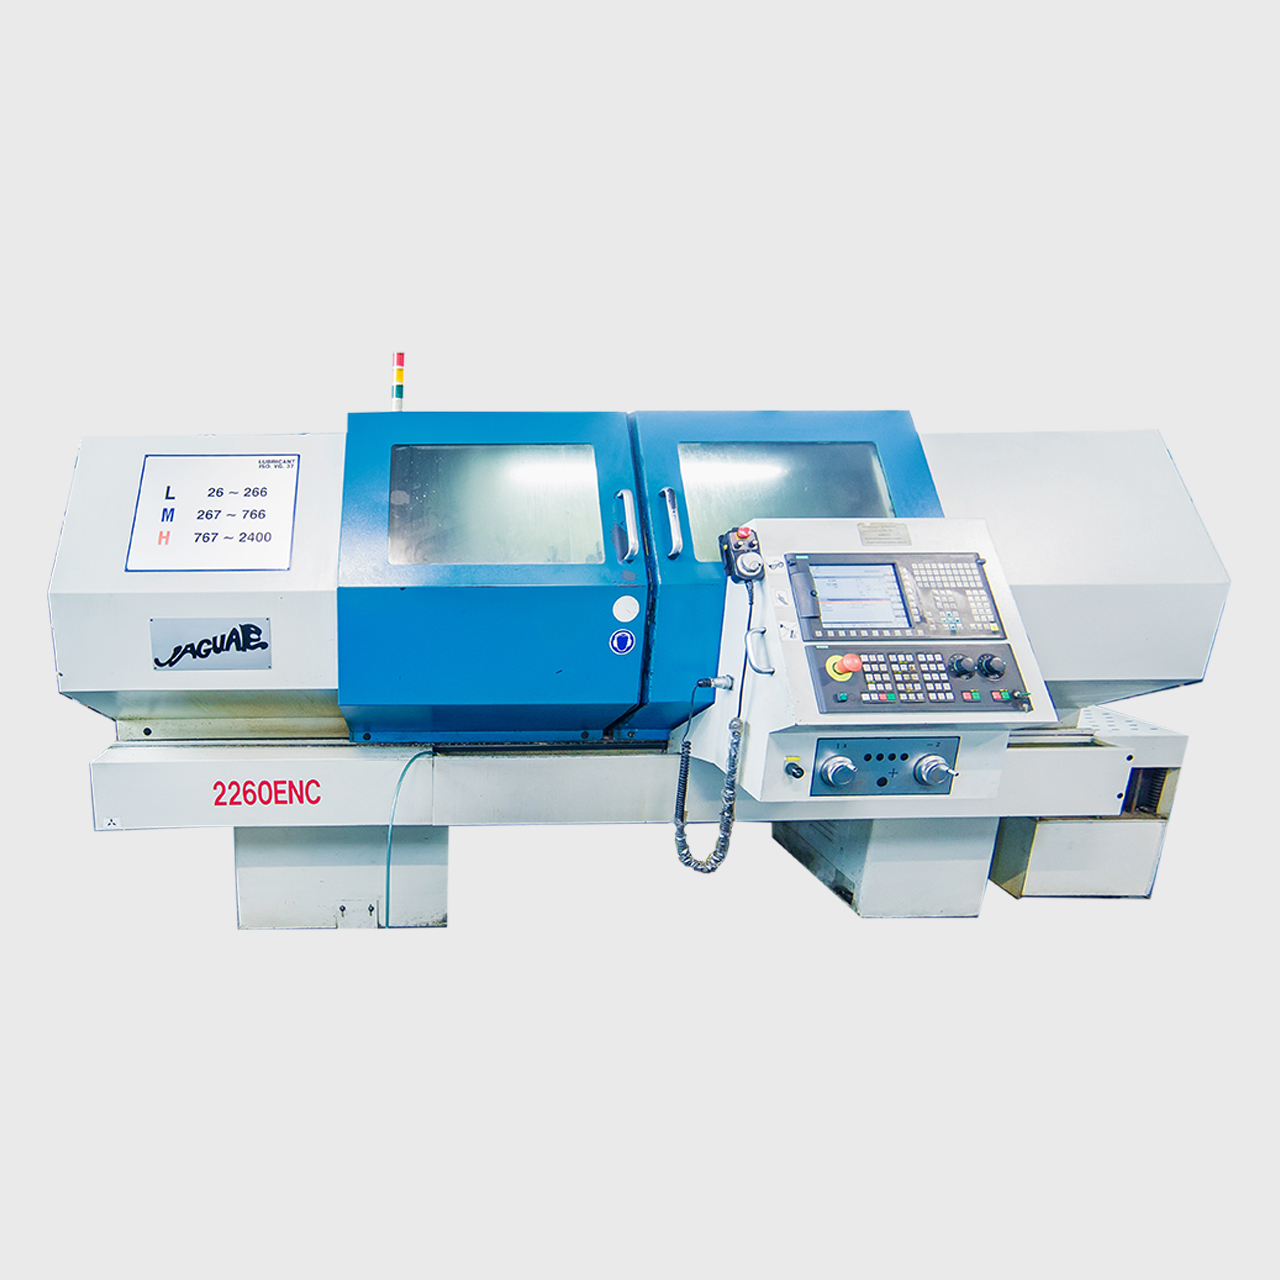 STRUNG CNC JAGUAR 2260